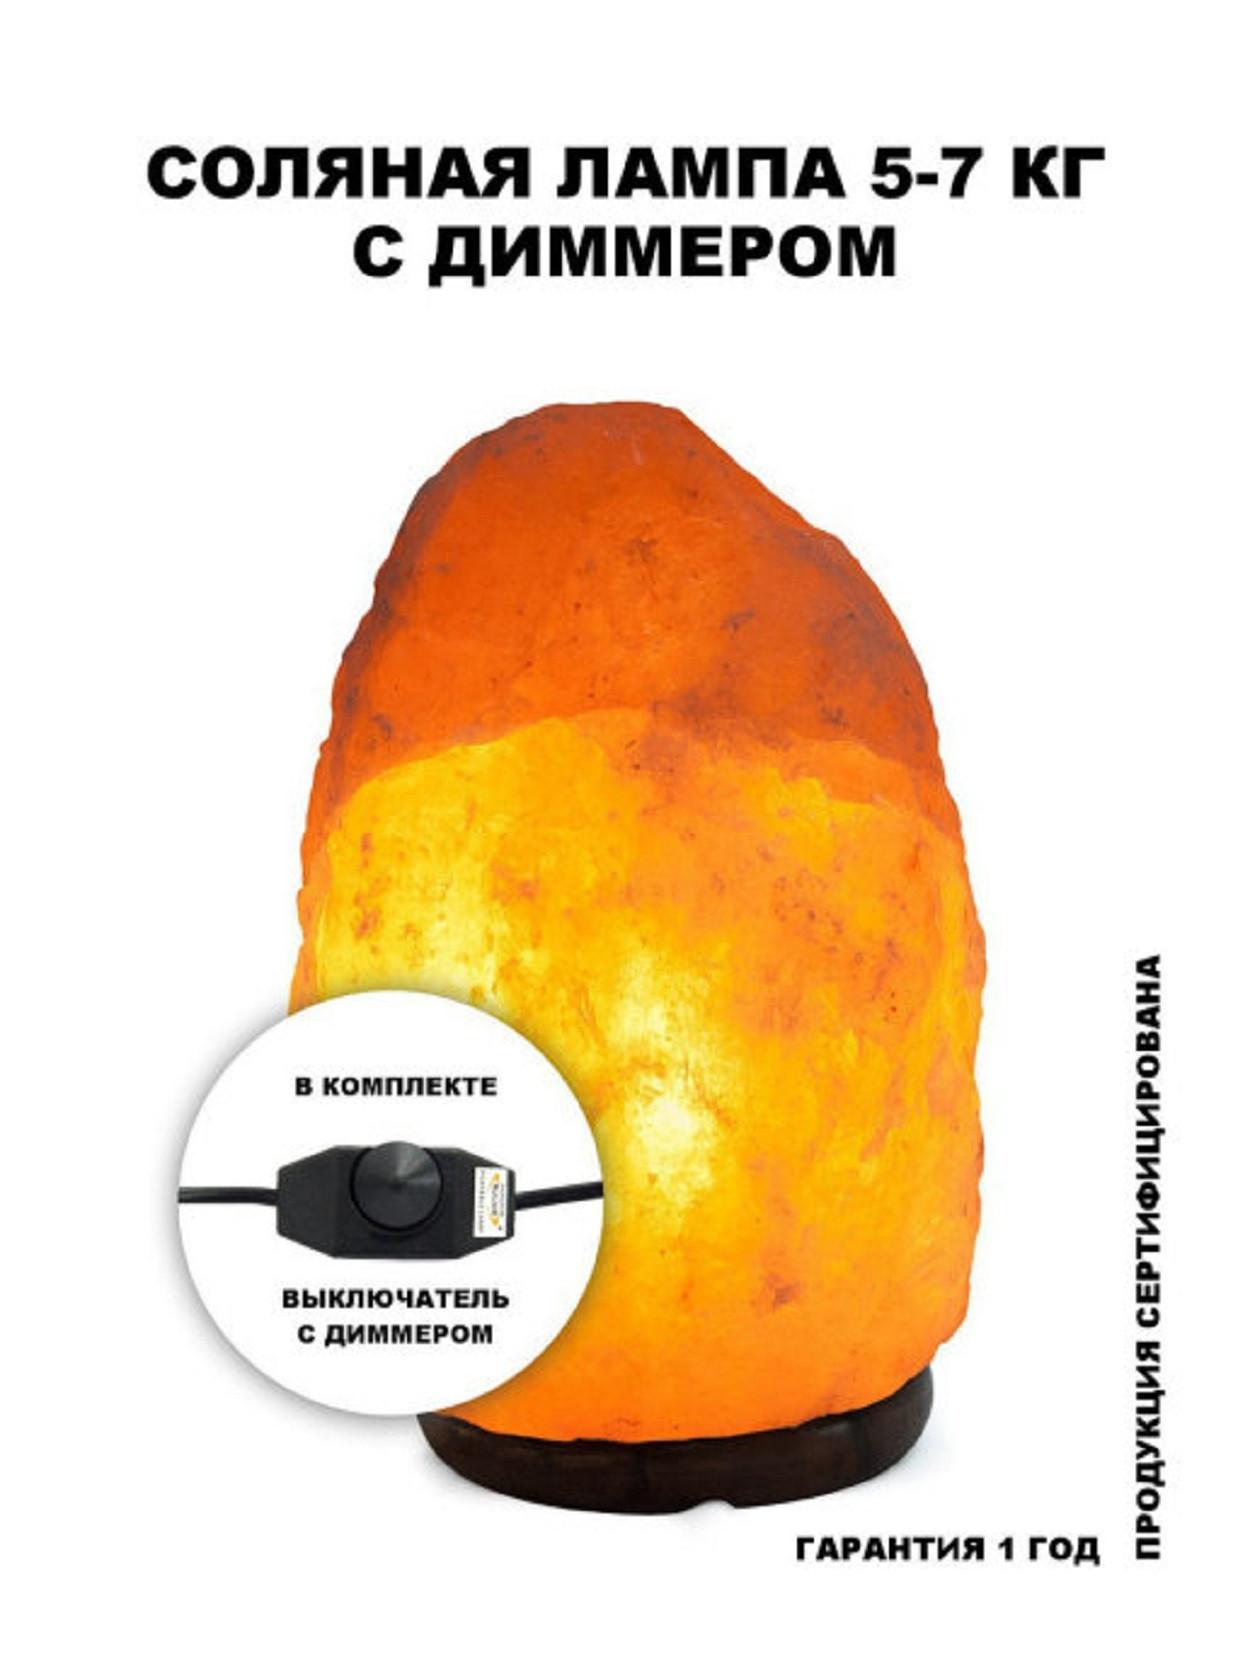 Неограненная  соляная лампа в комплекте 5-7 кг с диммером